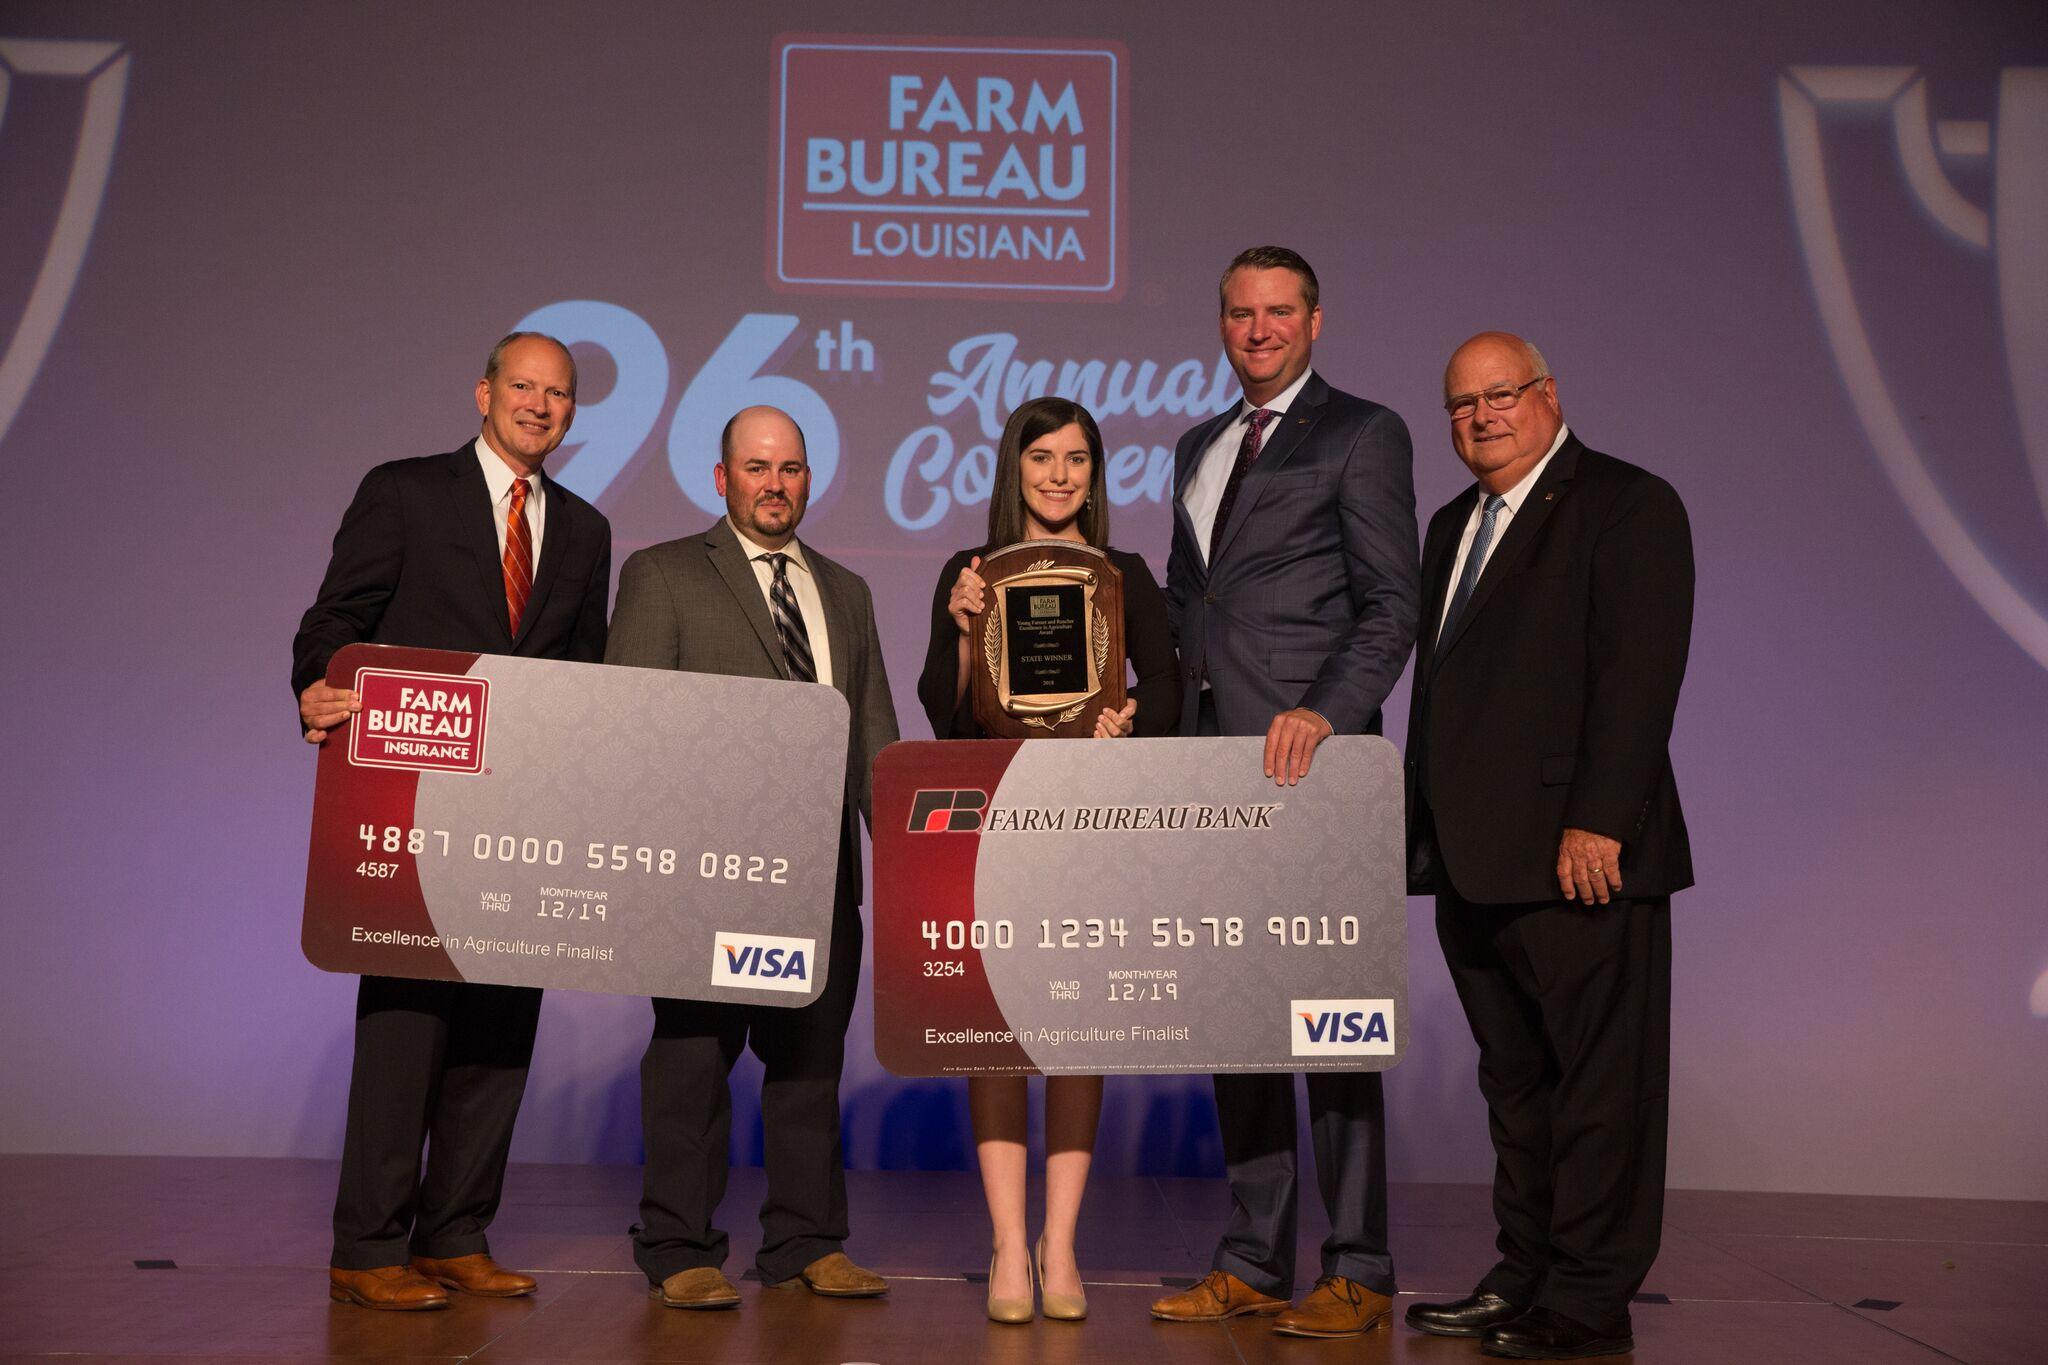 Courtesy of Louisiana Farm Bureau